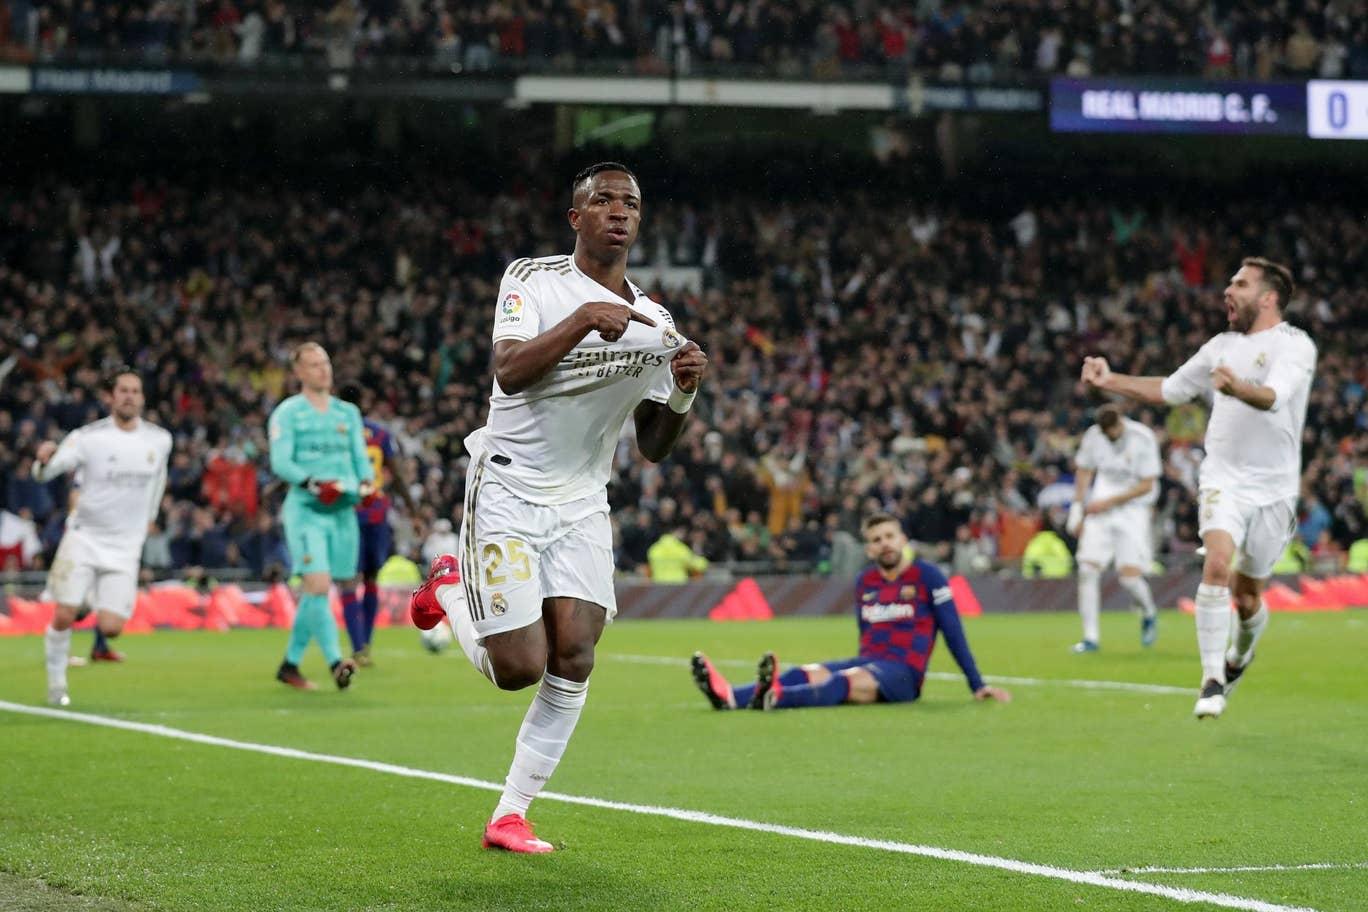 Kalahkan Barcelona 2-0, Real Madrid Puncaki Klasemen Liga Spanyol